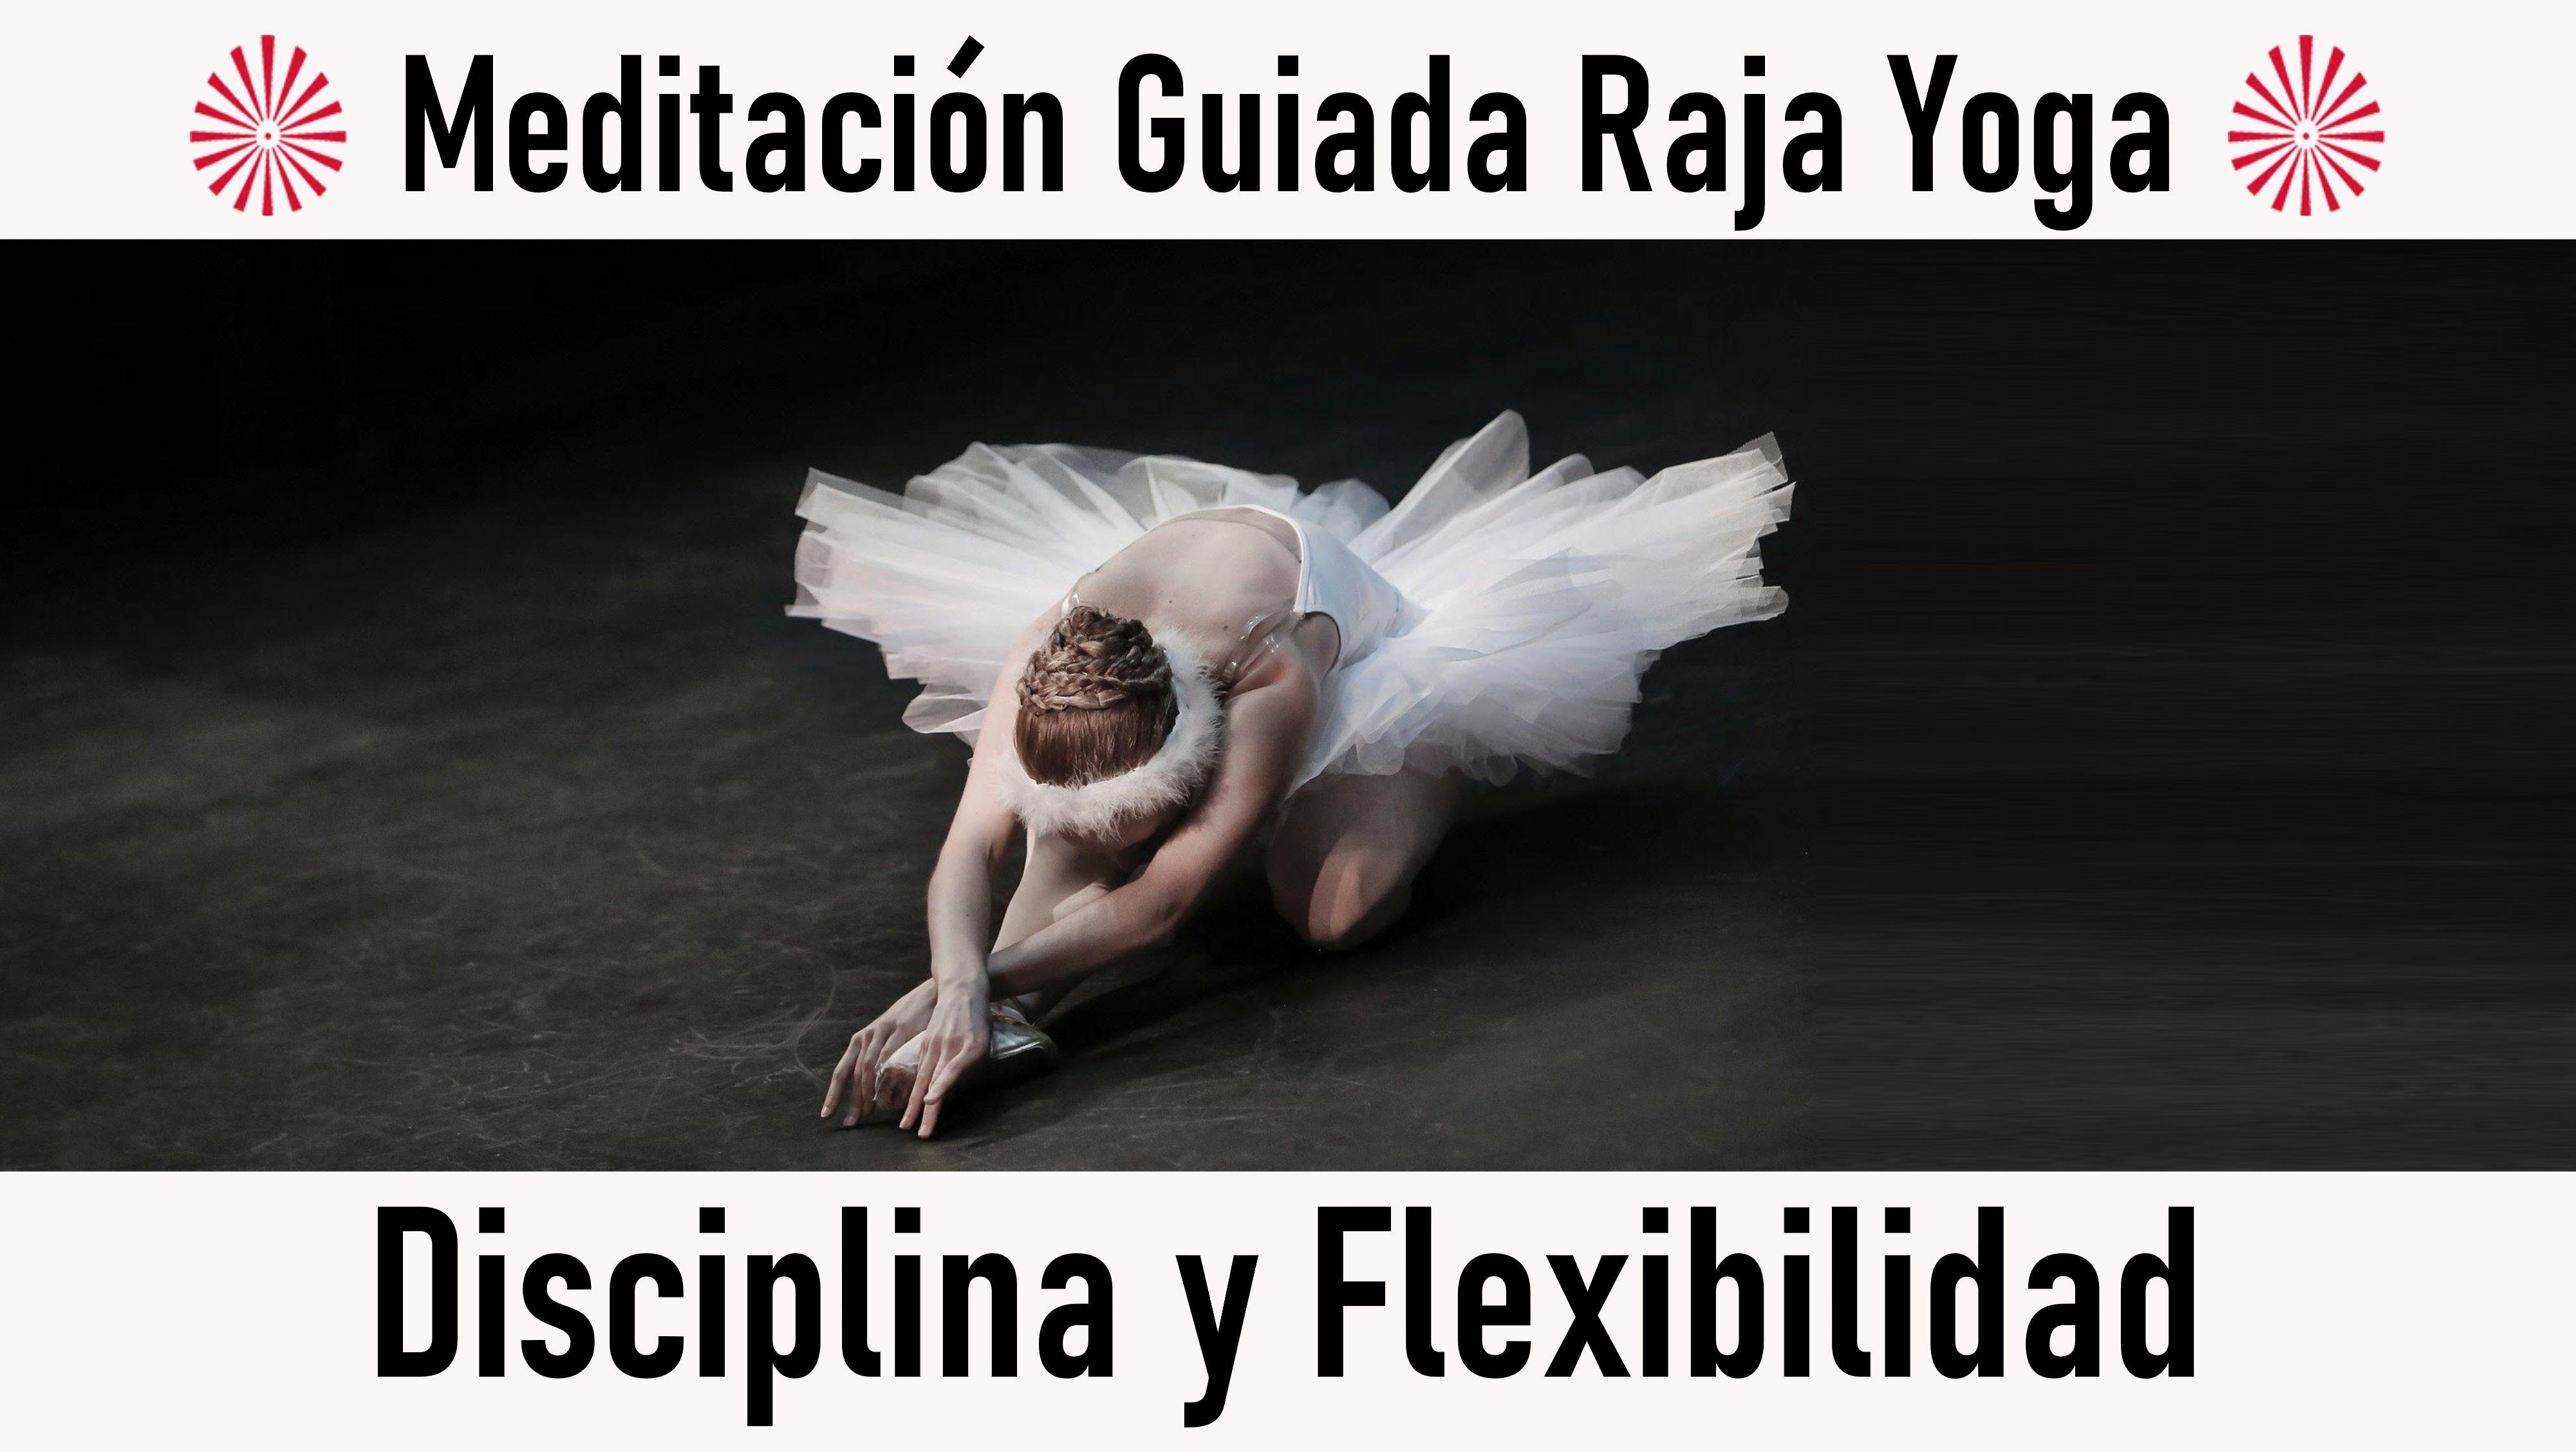 Meditación Raja Yoga: Disciplina y Flexibilidad (24 Octubre 2020) On-line desde Valencia